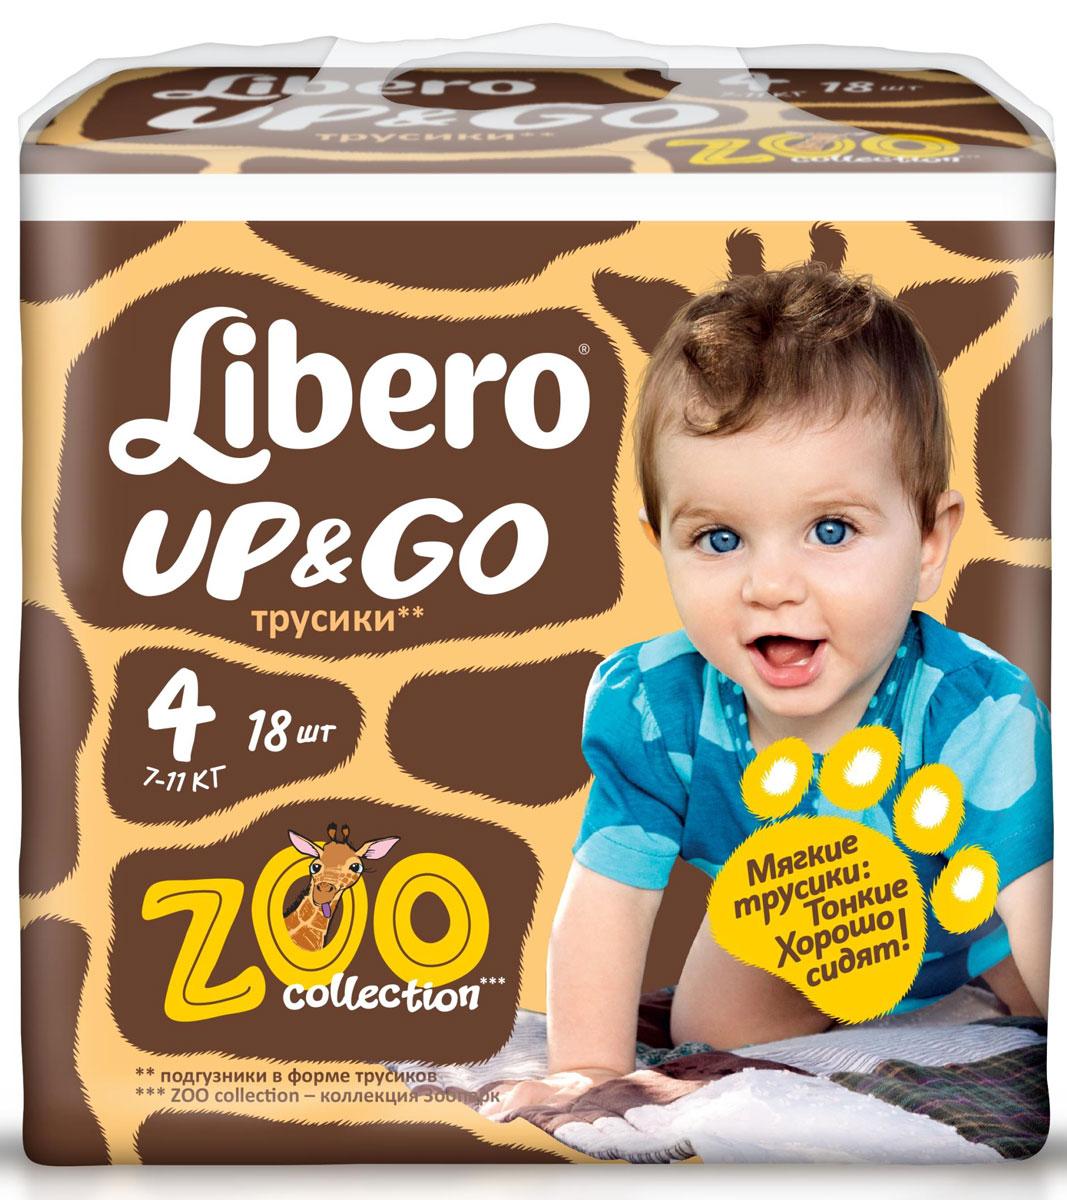 Libero Подгузники-трусики Up&Go Zoo Collection (7-11 кг) 18 шт5582Подгузники трусики Либеро Ап Энд Гоу Макси 7/11 кг (18 штук) Супер мягкие и тонкие трусики! Они созданы специально для активных малышей: Легко одевать как обычные трусики Мягкий эластичный поясок из дышащего материала Хорошо впитывают, как обычные подгузники Легко снимаются при разрывании боковых швов Сидят как детские трусики и дарят комфорт в движении Клеящая лента позволяет с легкостью свернуть подгузник после использования Смена подгузника не будет скучной с Libero Up&Go, ведь в каждой упаковке вы найдете 5 разных дизайнов...